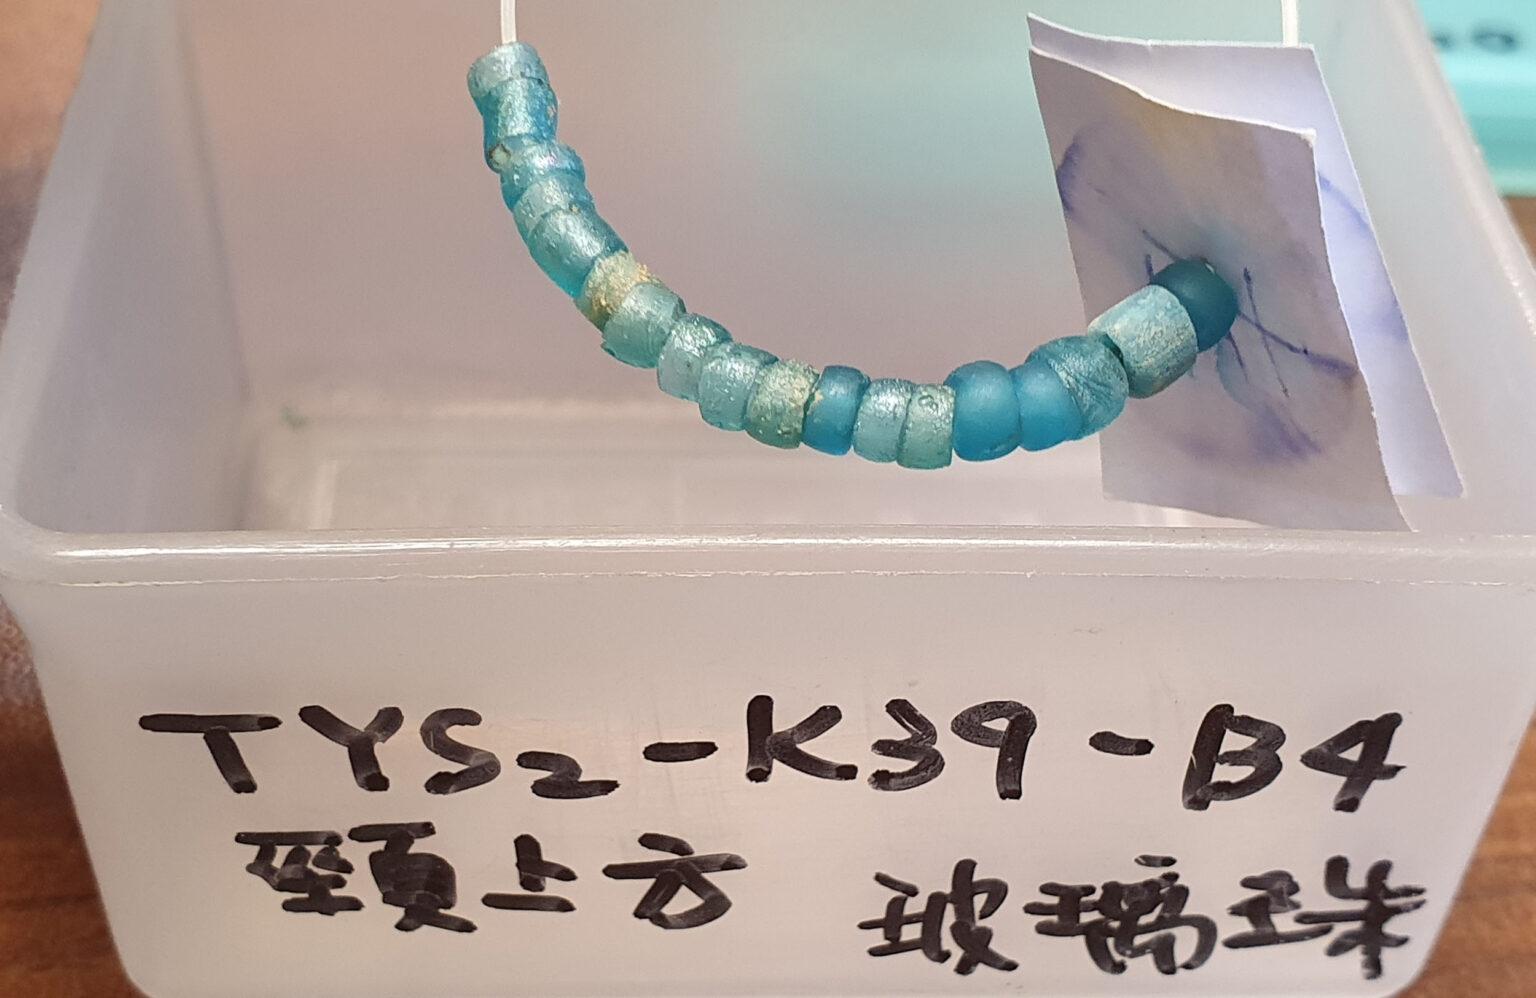 臺南道爺南遺址的玻璃珠,可串聯掛在頸部,做為陪葬品使用。 圖│研之有物